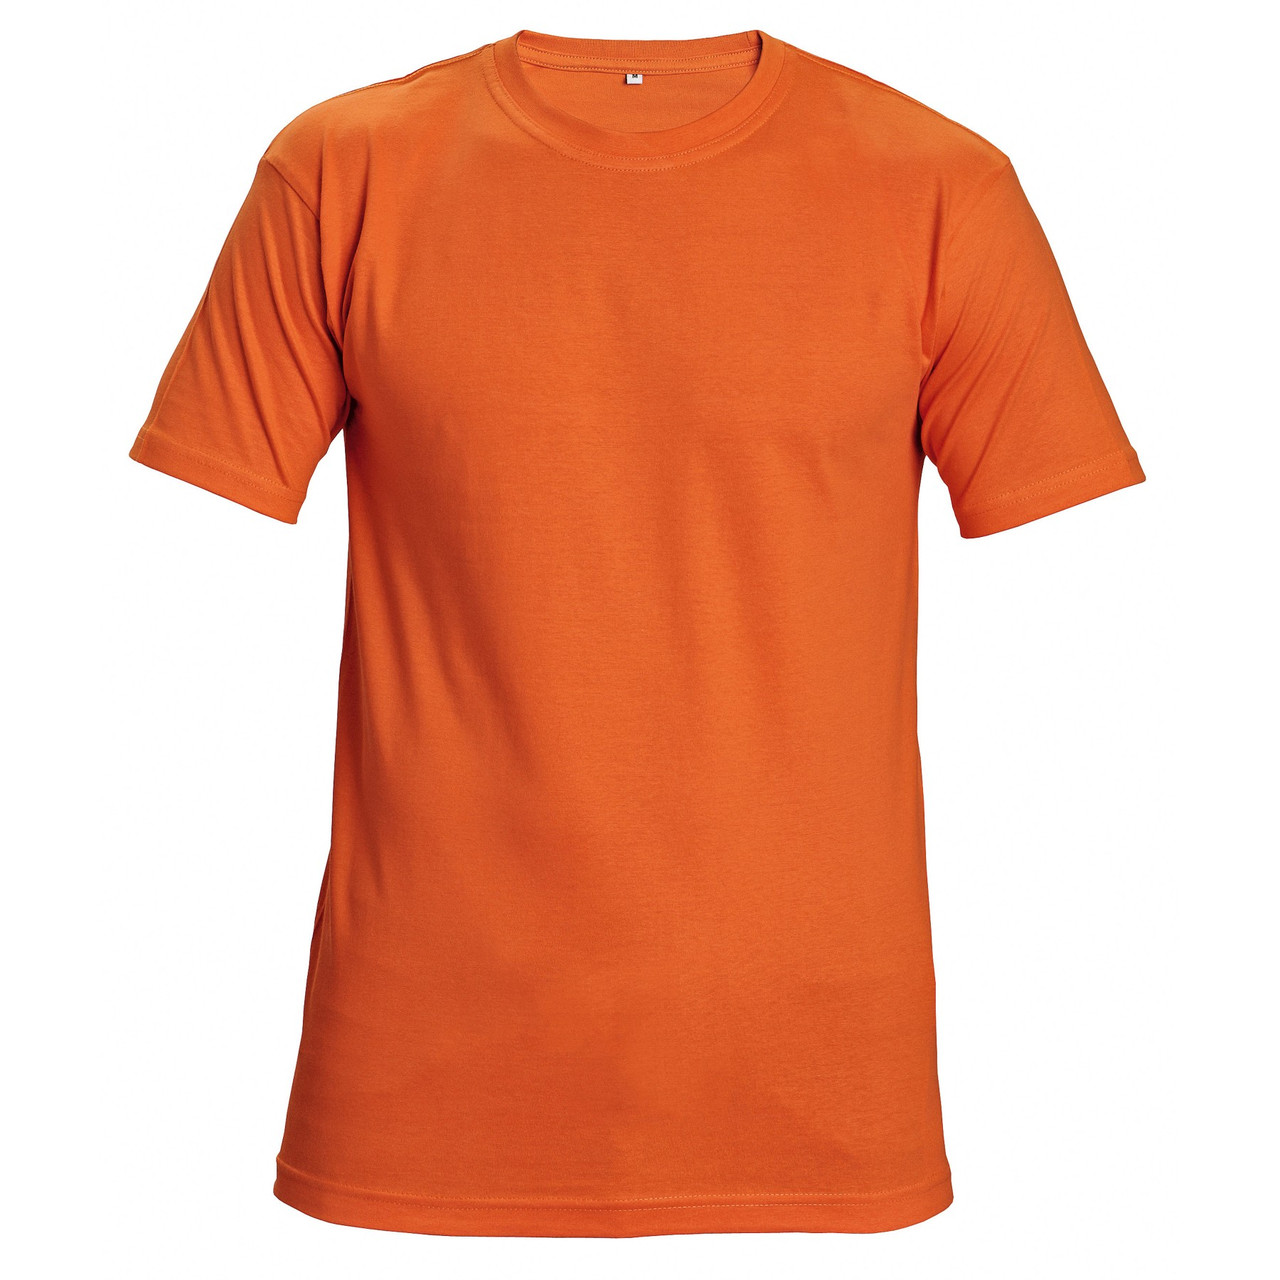 Футболка хлопок однотонная Červa унисекс TEESTA бесшовная с короткими рукавами оранжевая